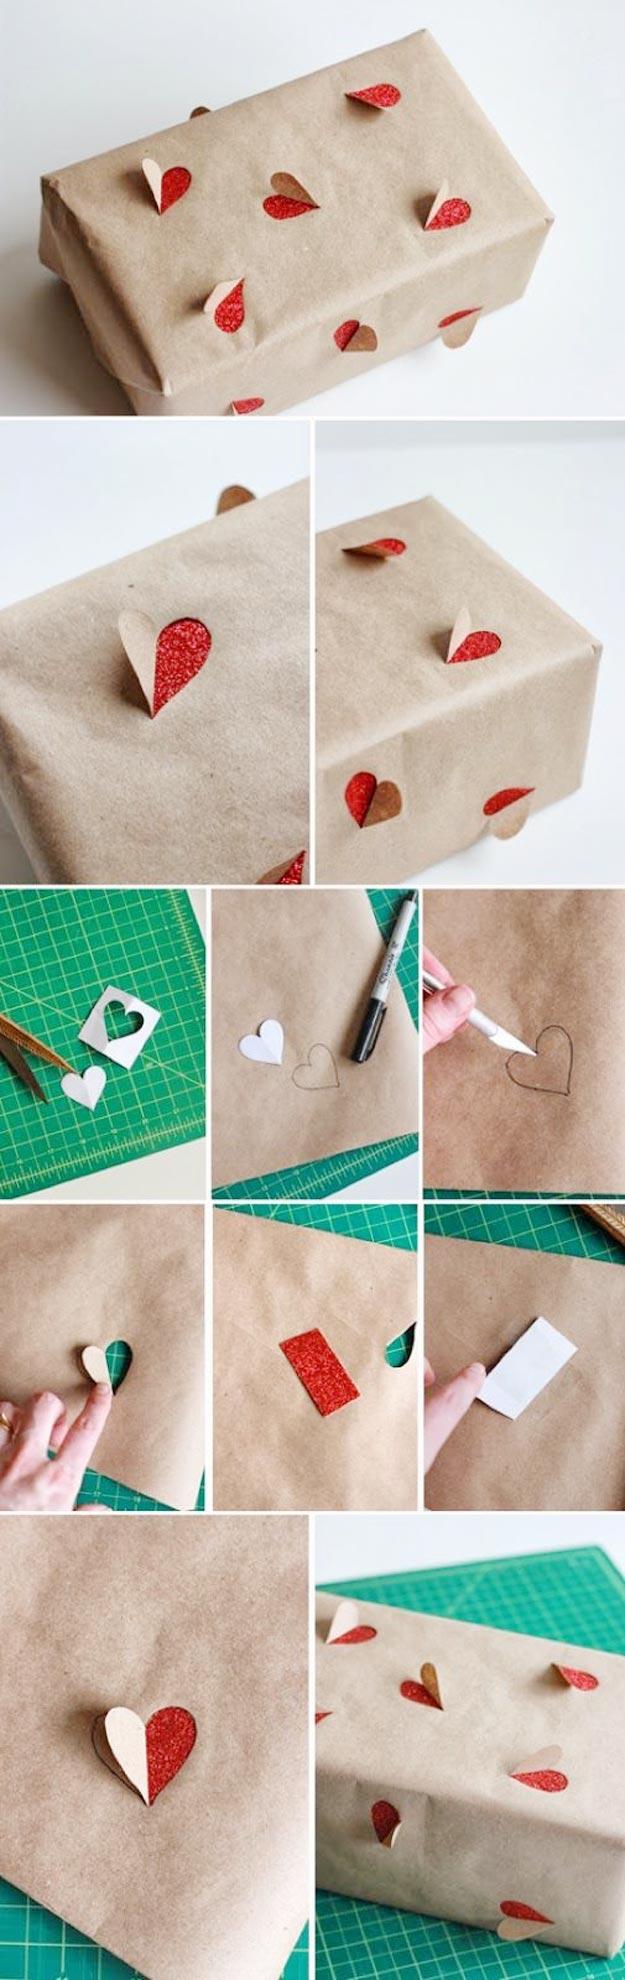 03-maneiras-de-fazer-embrulhos-de-presente-com-papel-kraft